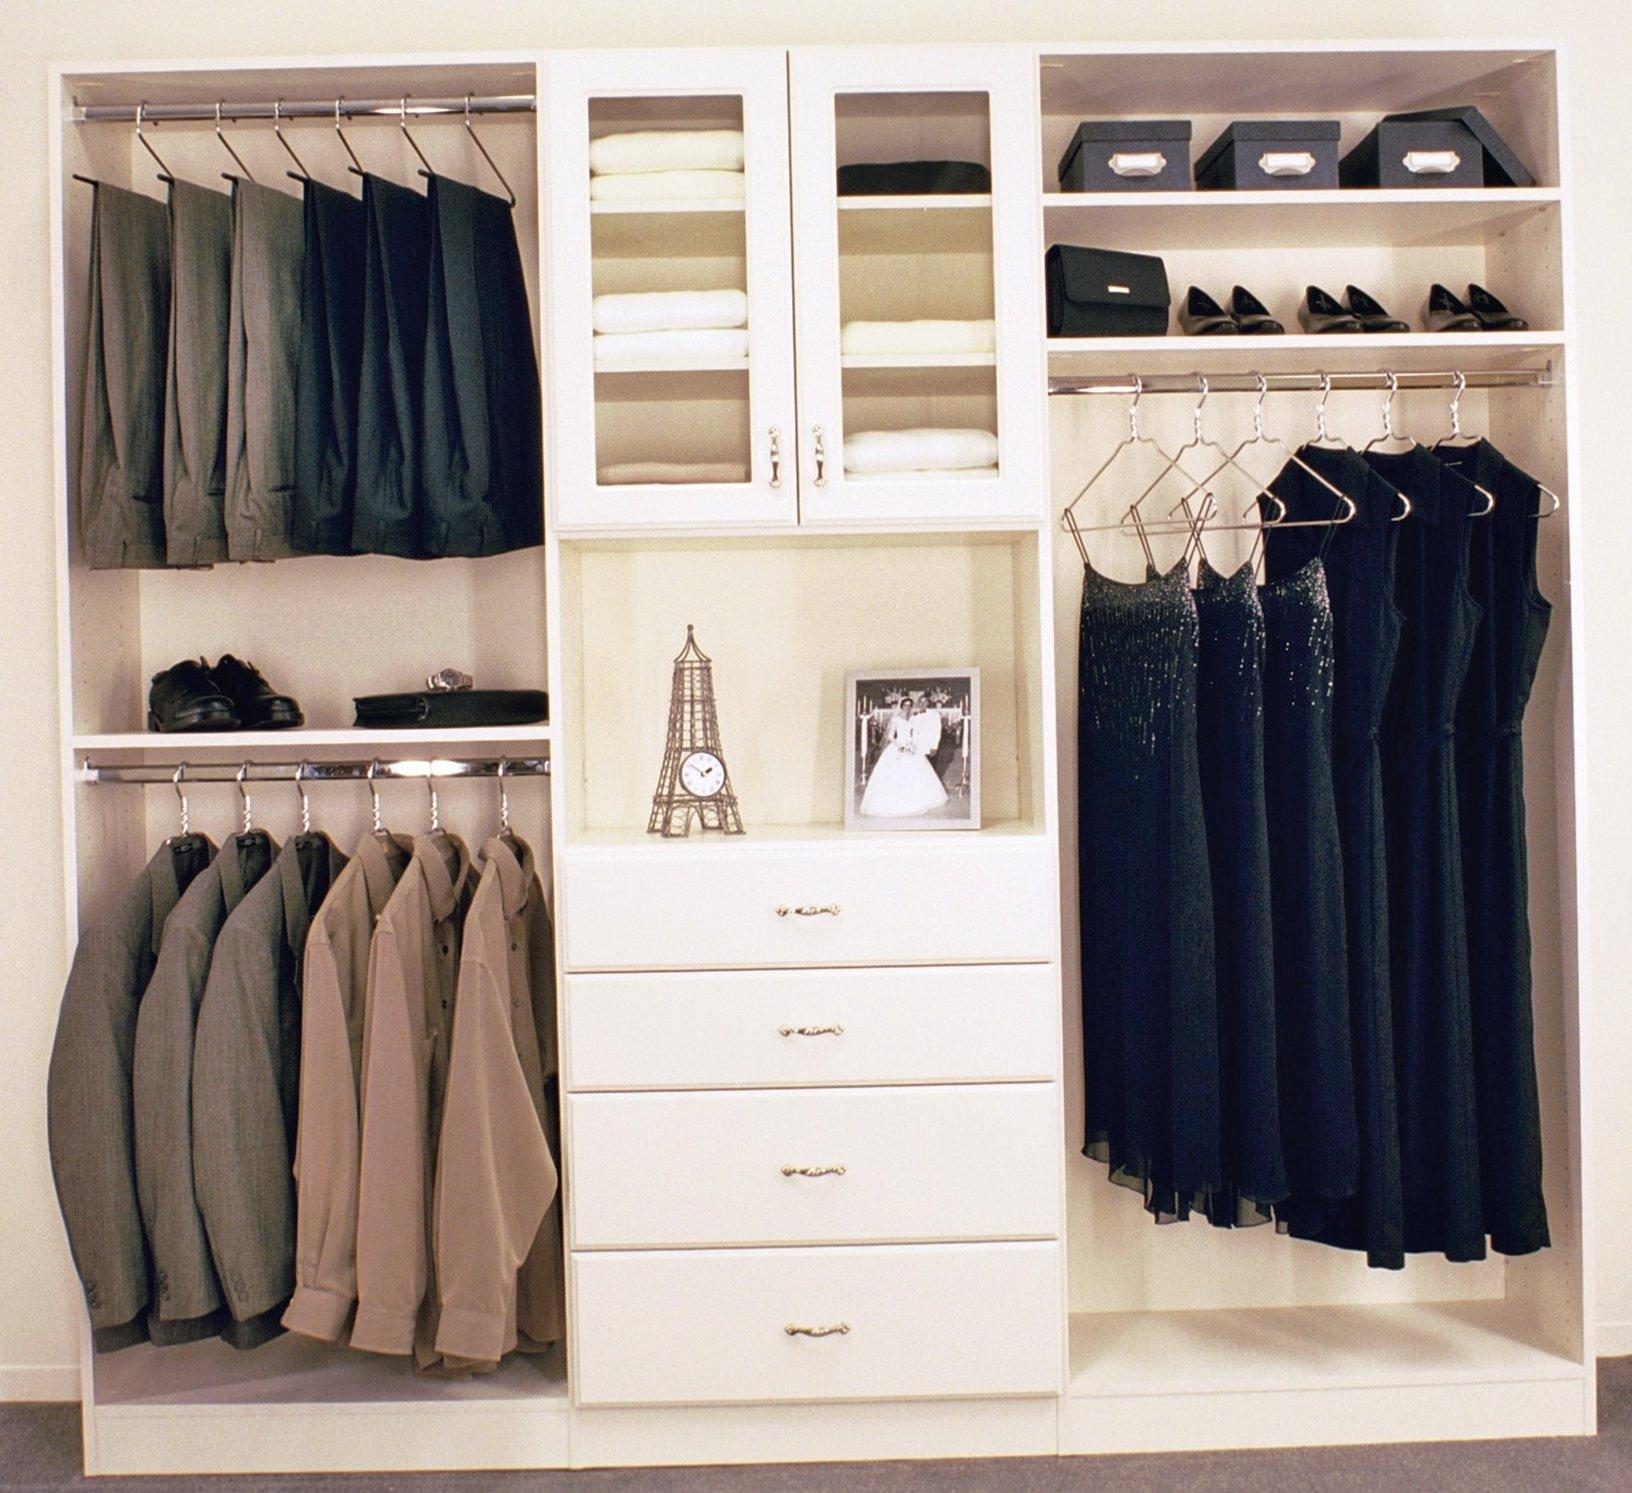 10 Attractive Closet Organization Ideas For Small Closets closet organization ideas for small walk in closets home design 2021